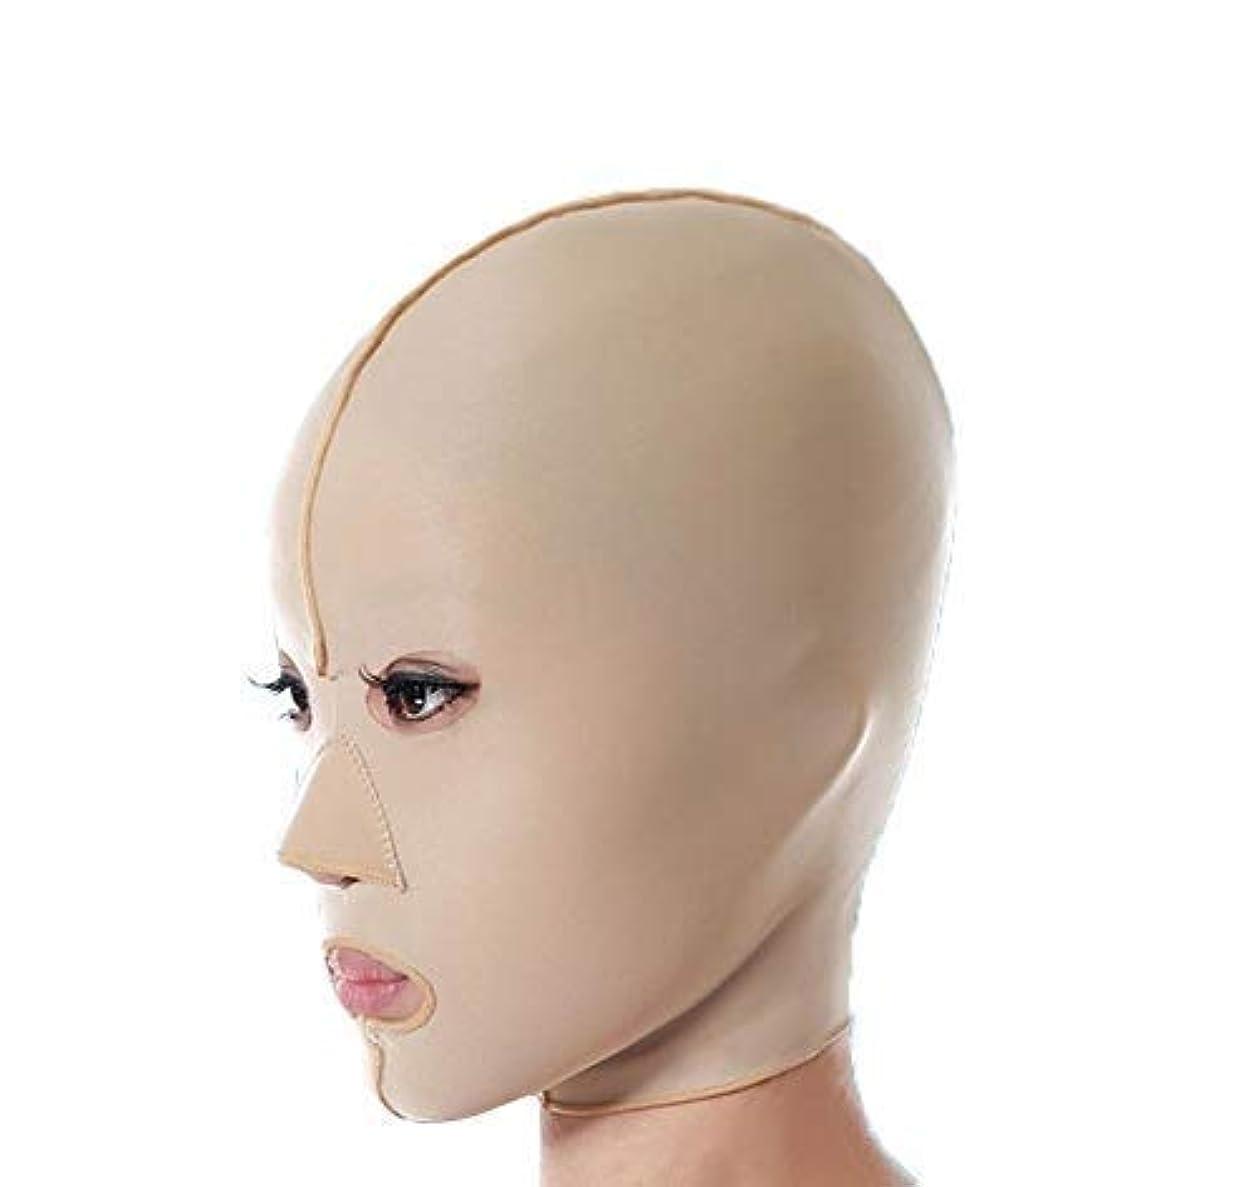 検証はさみ電話するファーミングフェイスマスク、フェイシャルマスクメディシンパワフルフェイスマスクアーティファクト美容たるみ防止ローパターンフェイシャルリフティングファーミングフルフェイスマスク(サイズ:Xl)